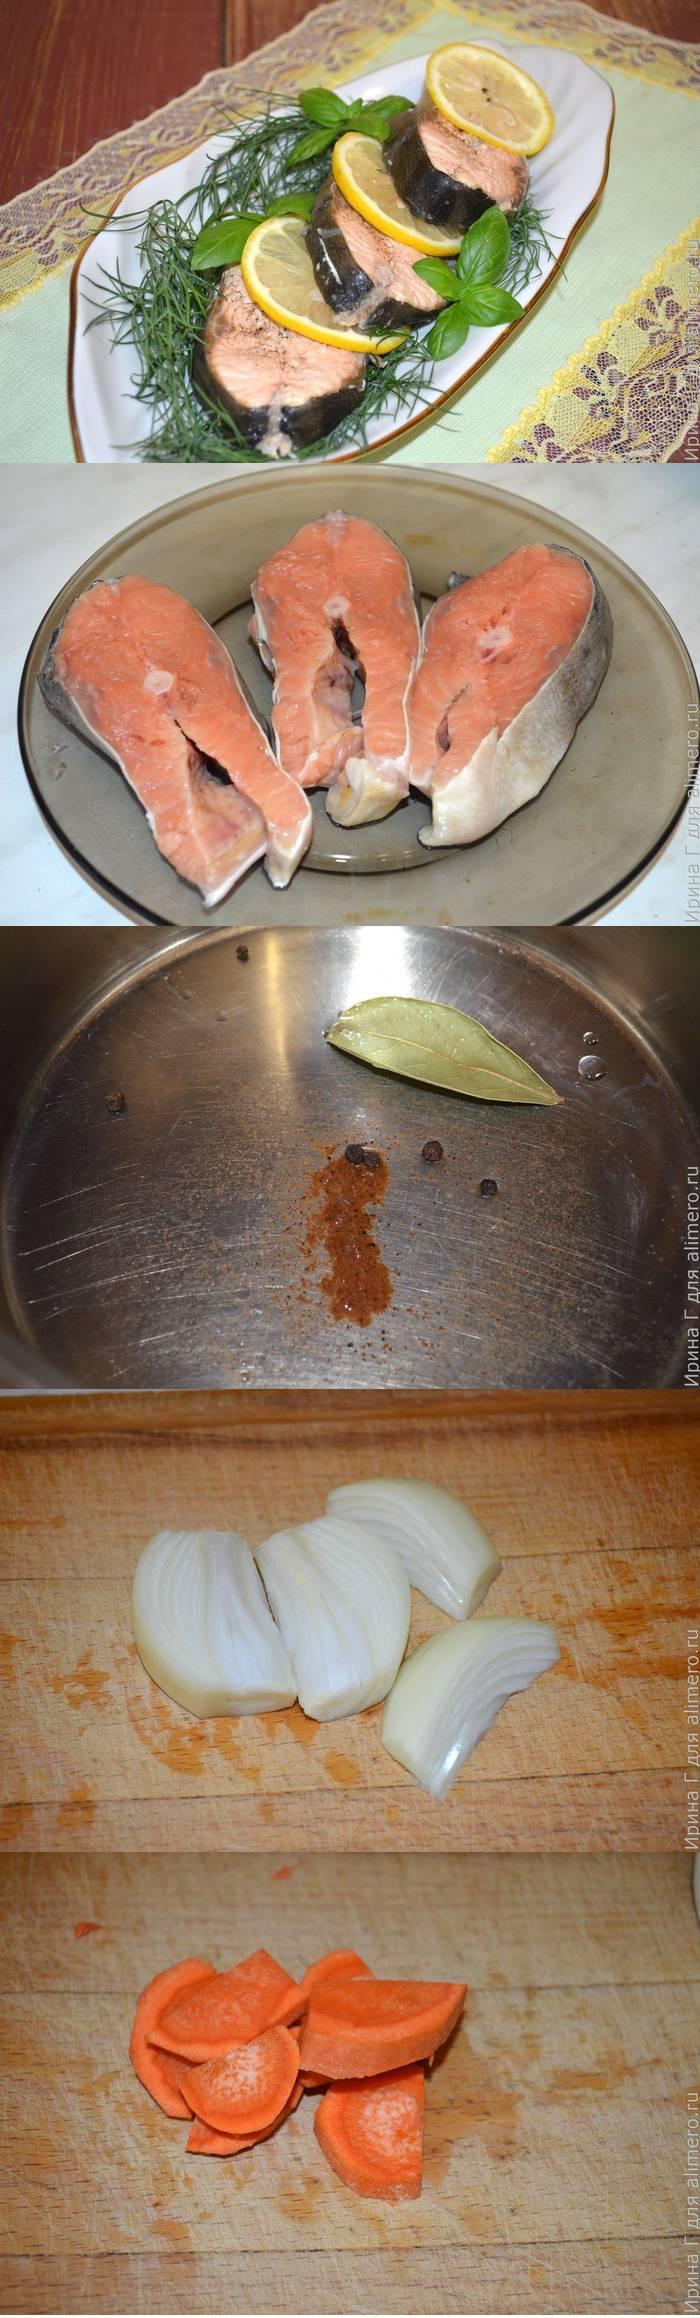 Рецепт ухи из зубатки пошагово